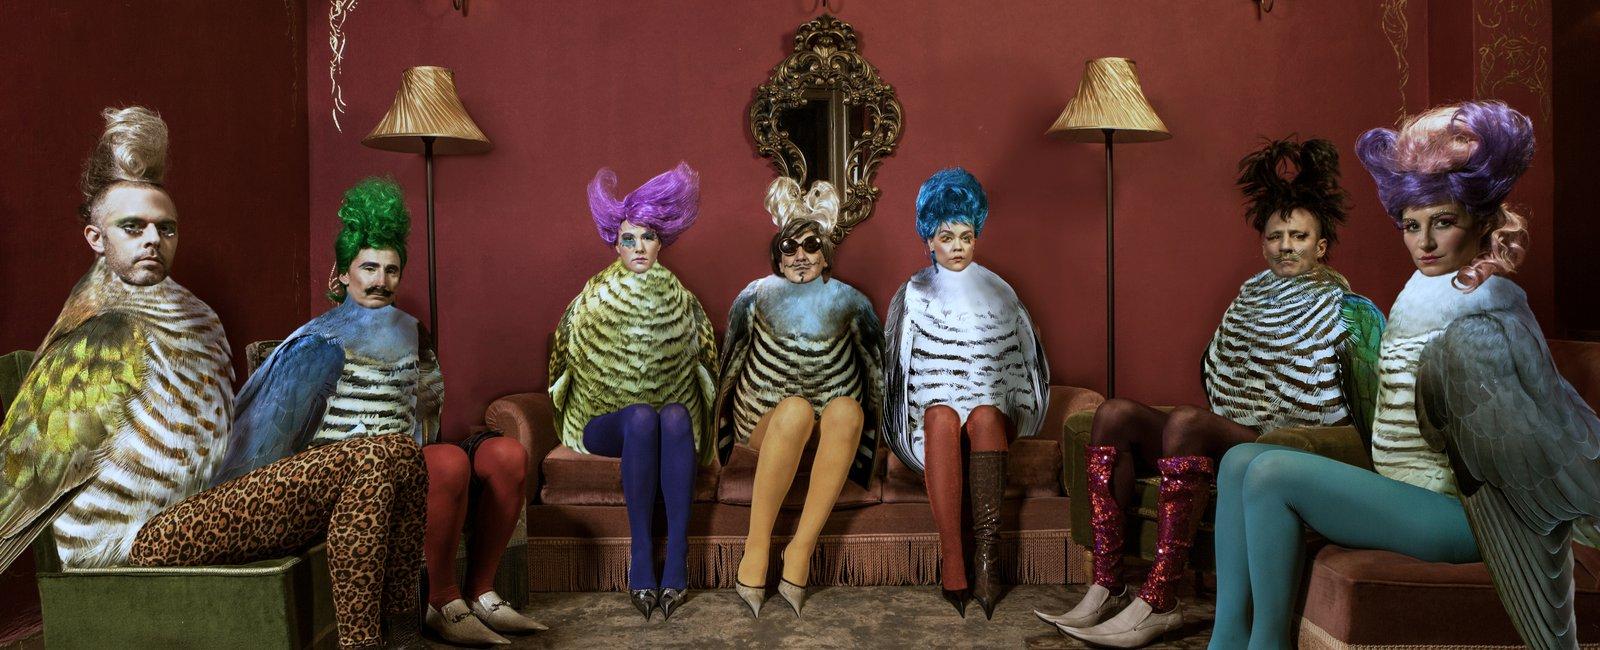 Από την παράσταση «Τρειςευτυχισμένοι» σε σκηνοθεσία Γιάννη Χουβαρδά